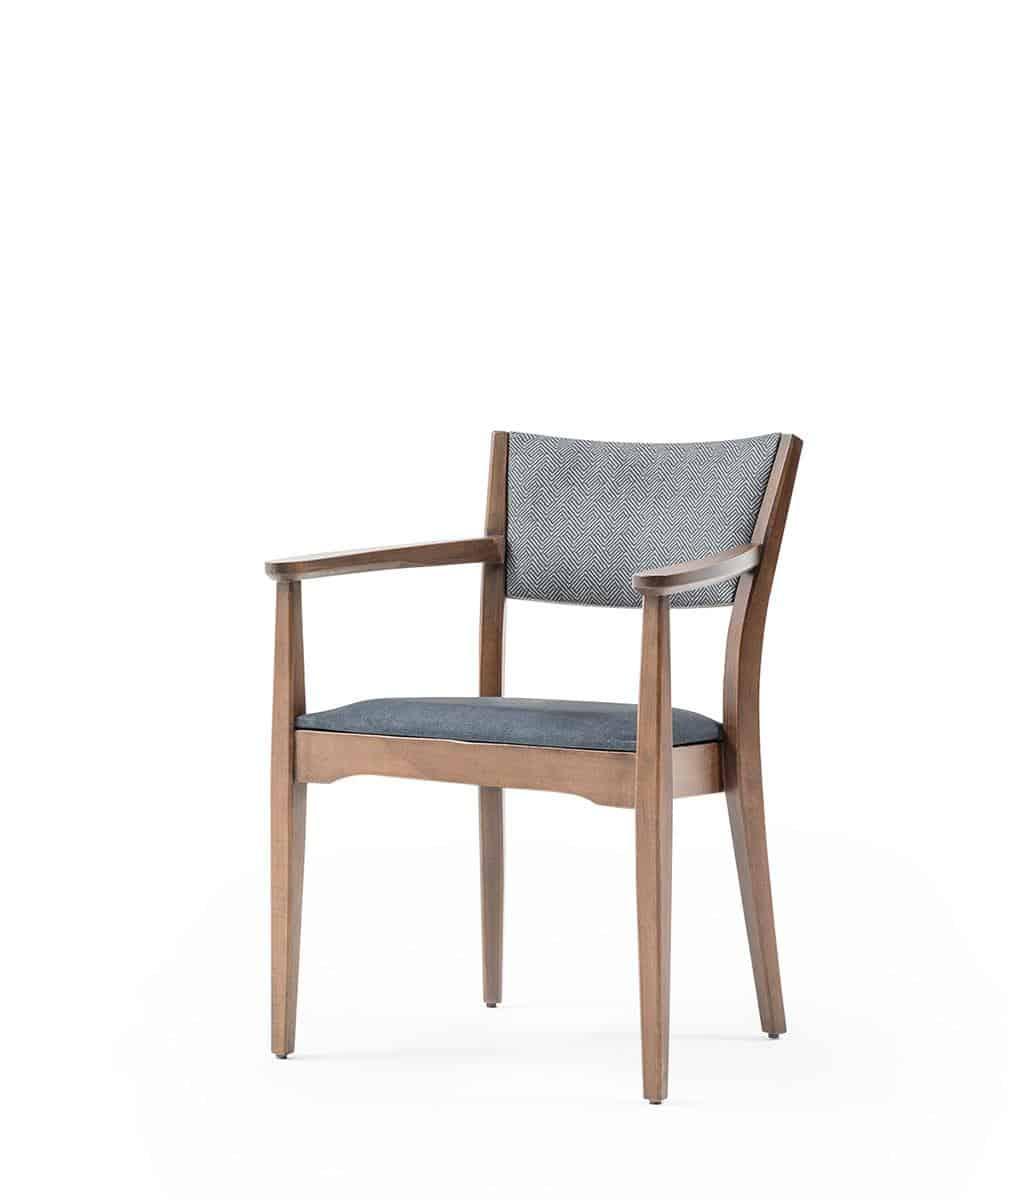 urun-effe-kollu-sandalye-01